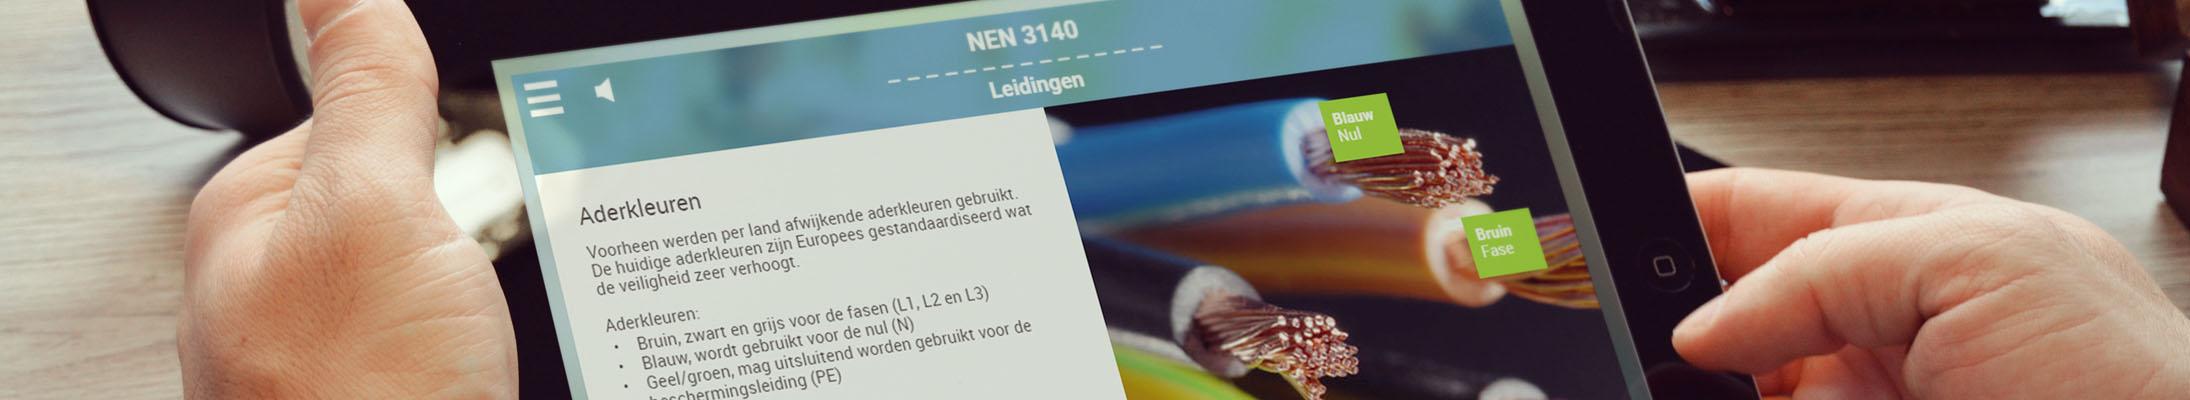 NEN e-learning